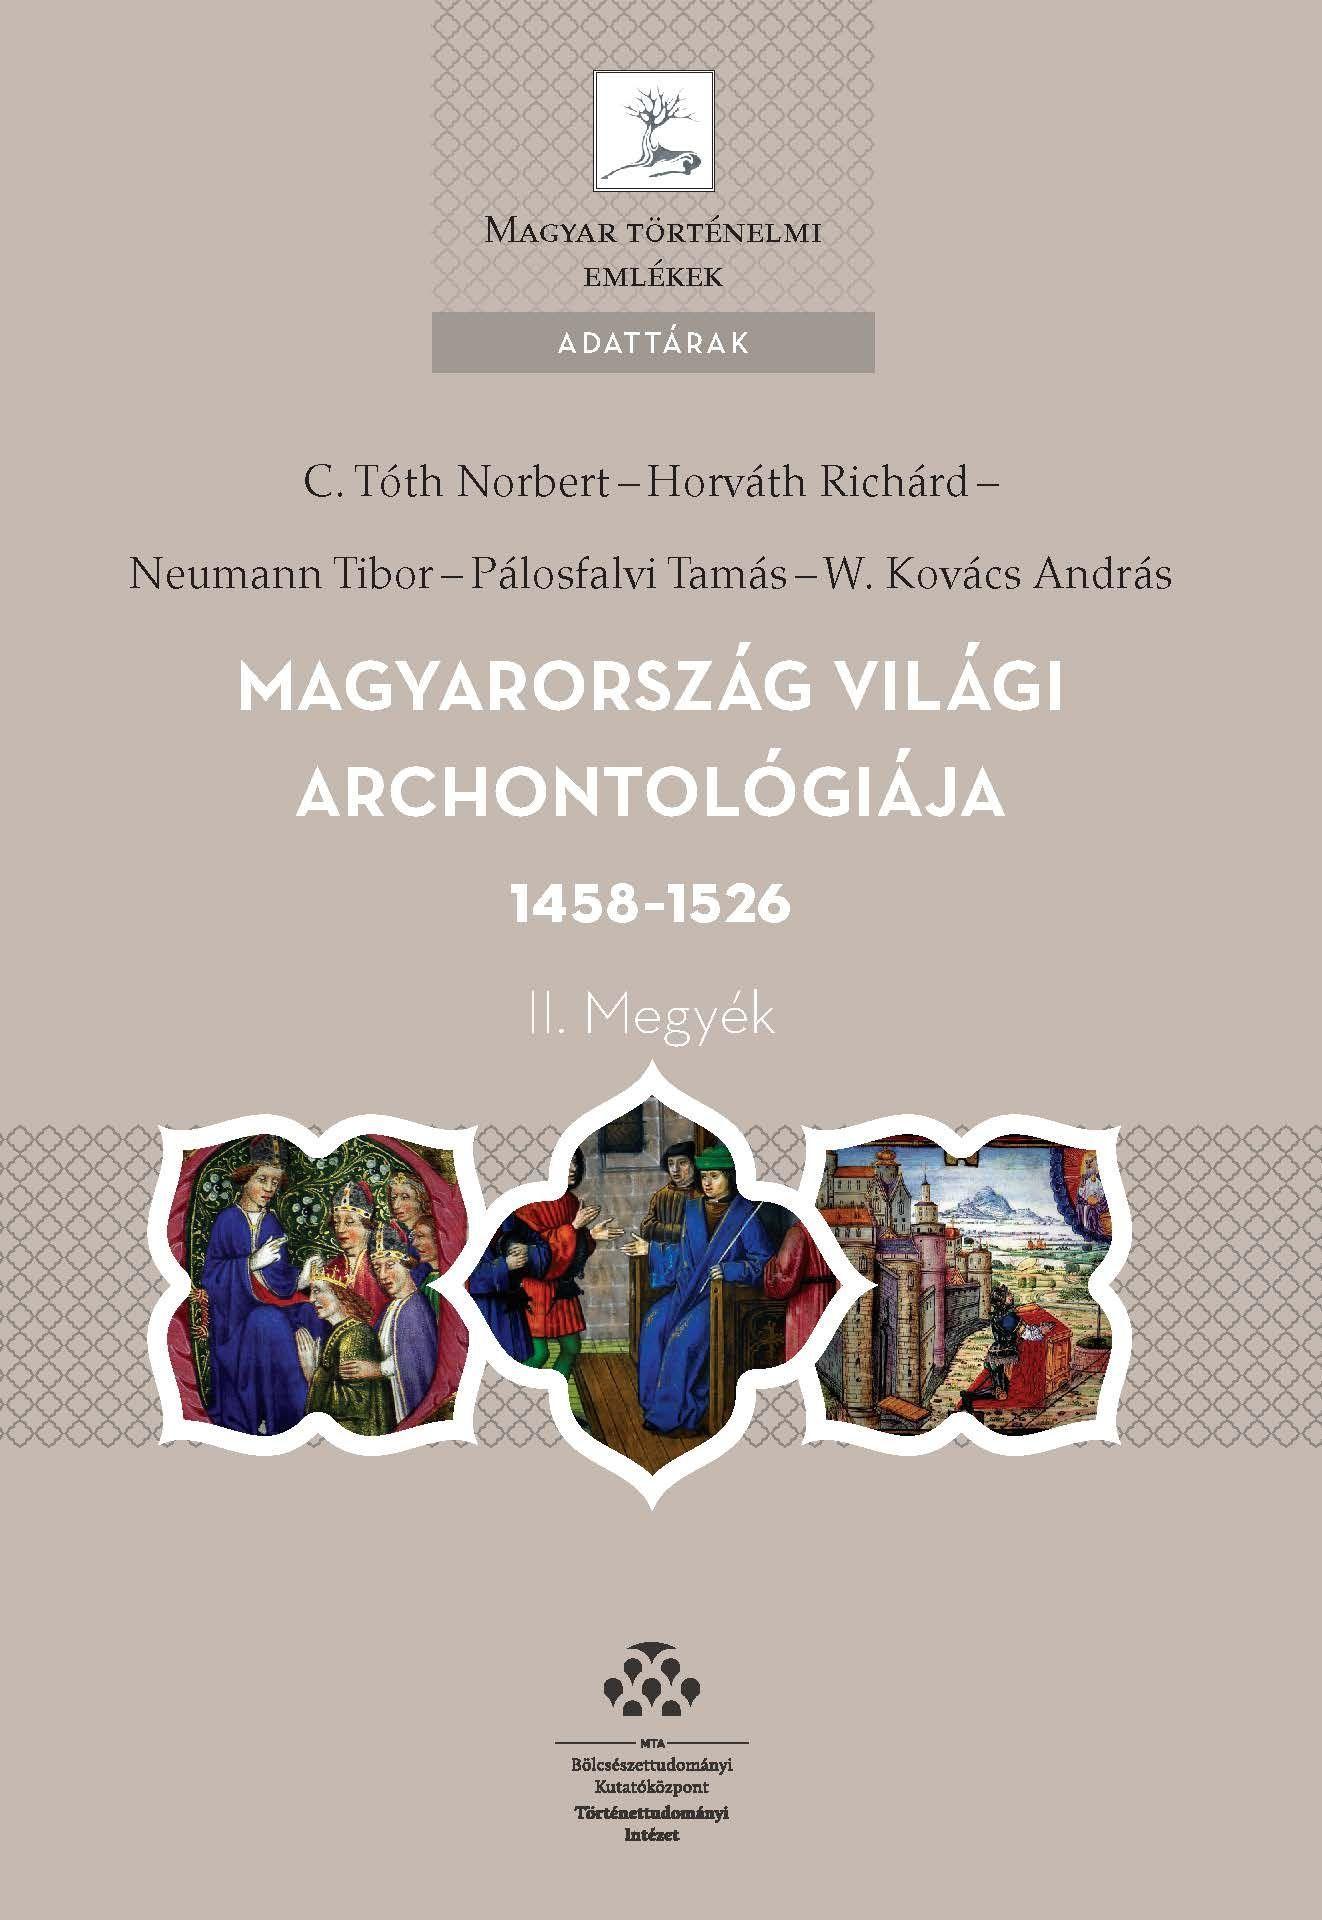 MAGYARORSZÁG VILÁGI ARCHONTOLÓGIÁJA 1458-1526 - II. MEGYÉK